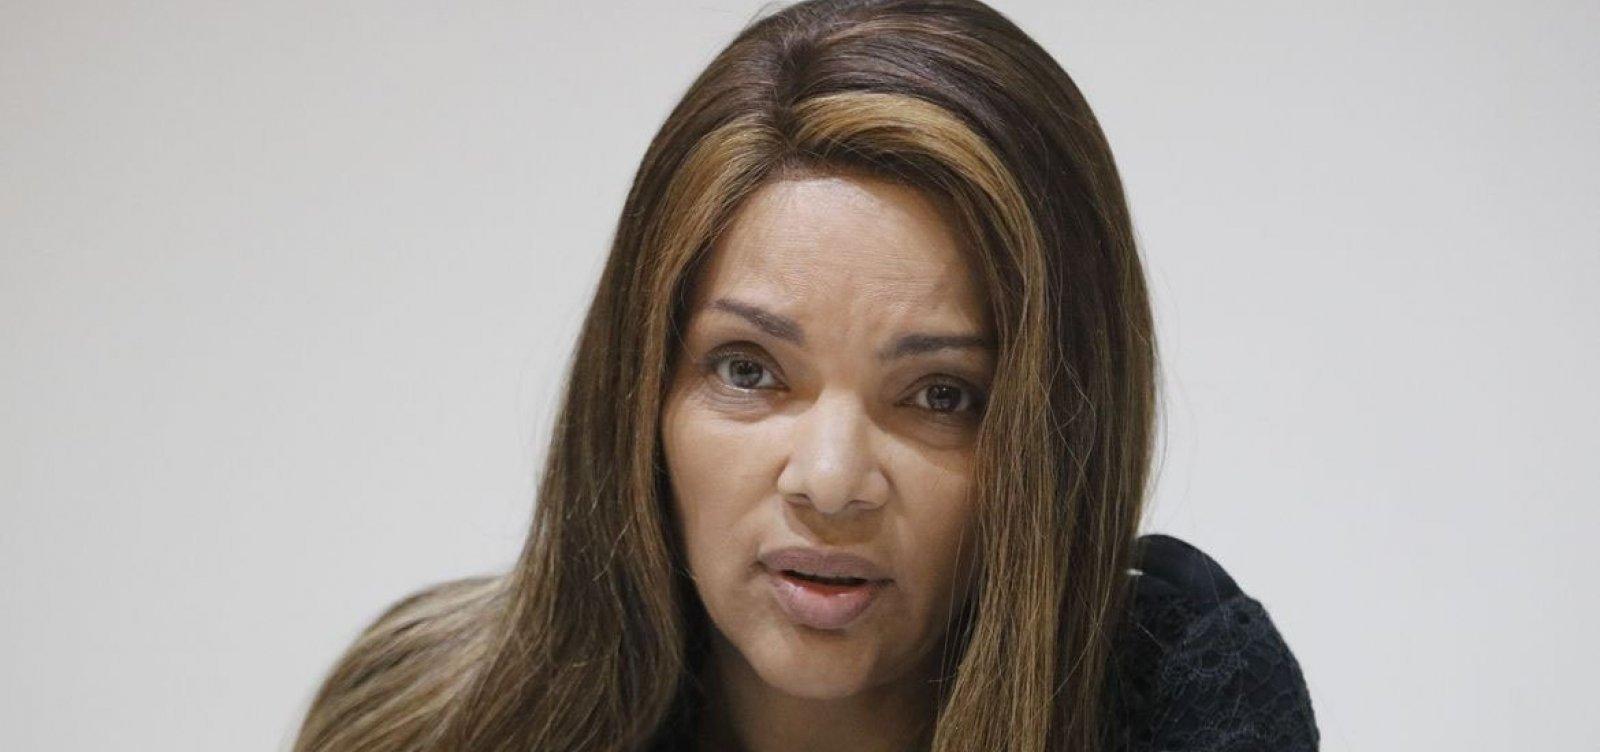 Por decisão de justiça carioca, Flordelis será afastada do cargo de deputada federal